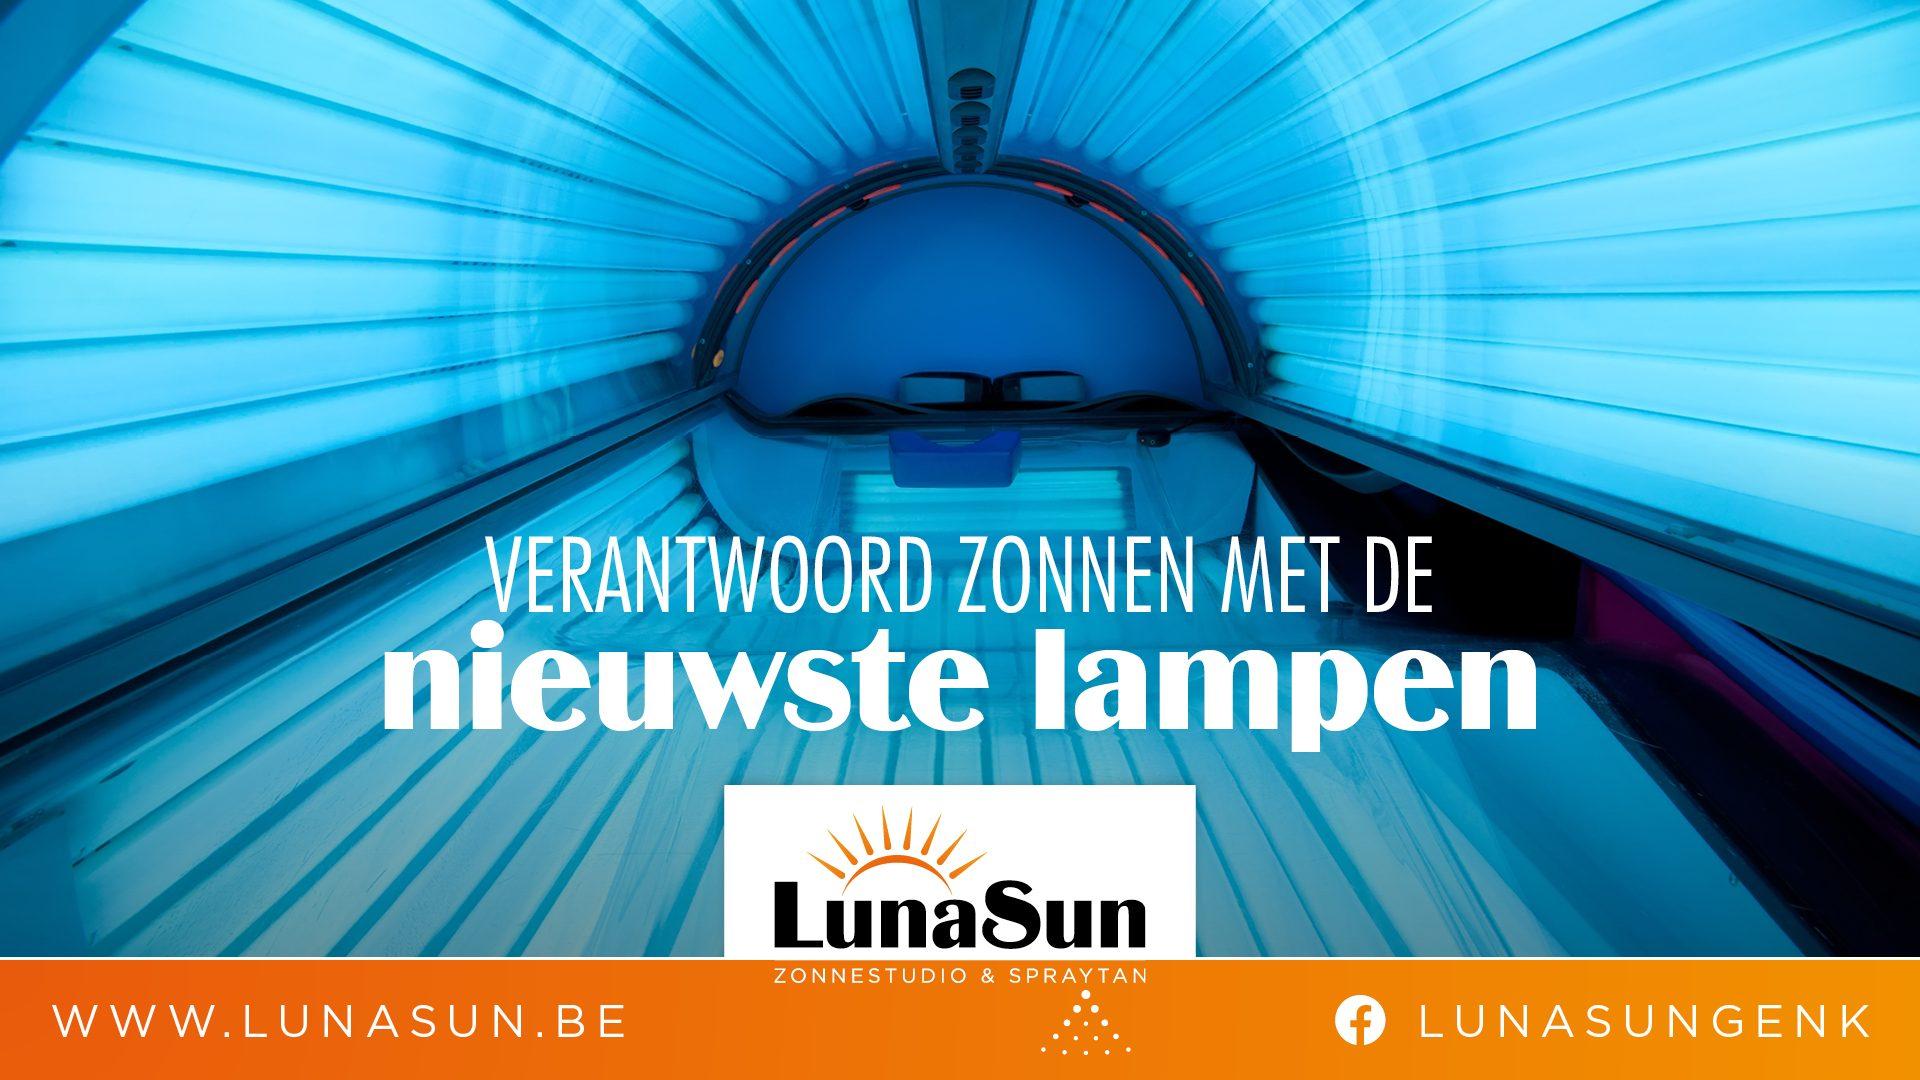 Lunasun_beelden-eindejaar2019_9